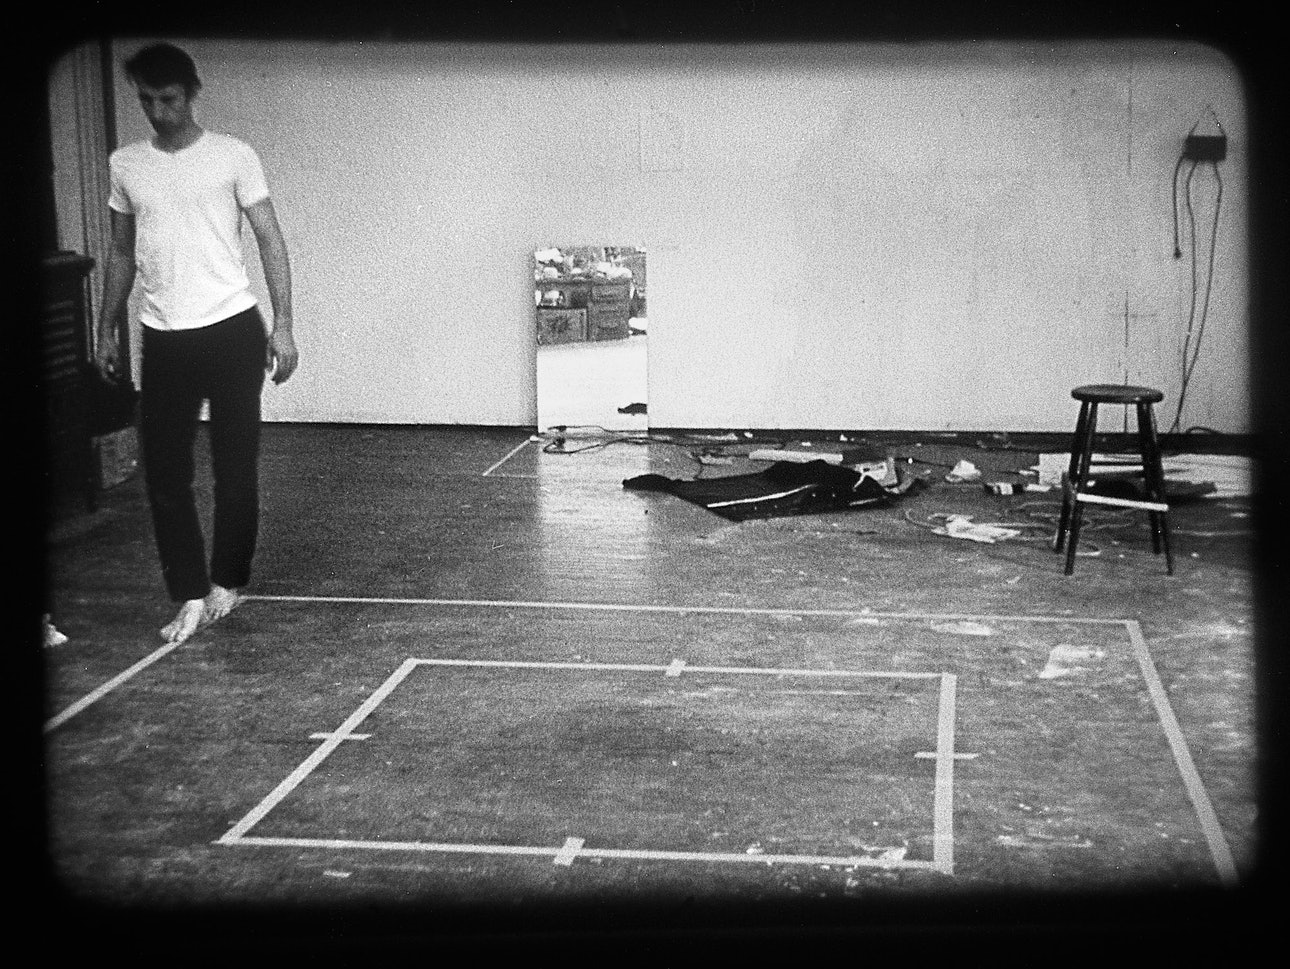 Брюс Науман Брюс Науман, Хождение по периметру квадрата с преувеличенными движениями, 1967-1968 гг., Коллекция Музея Stedelijk в Амстердаме © 2021 Брюс Науман: Pictoright Amsterdam